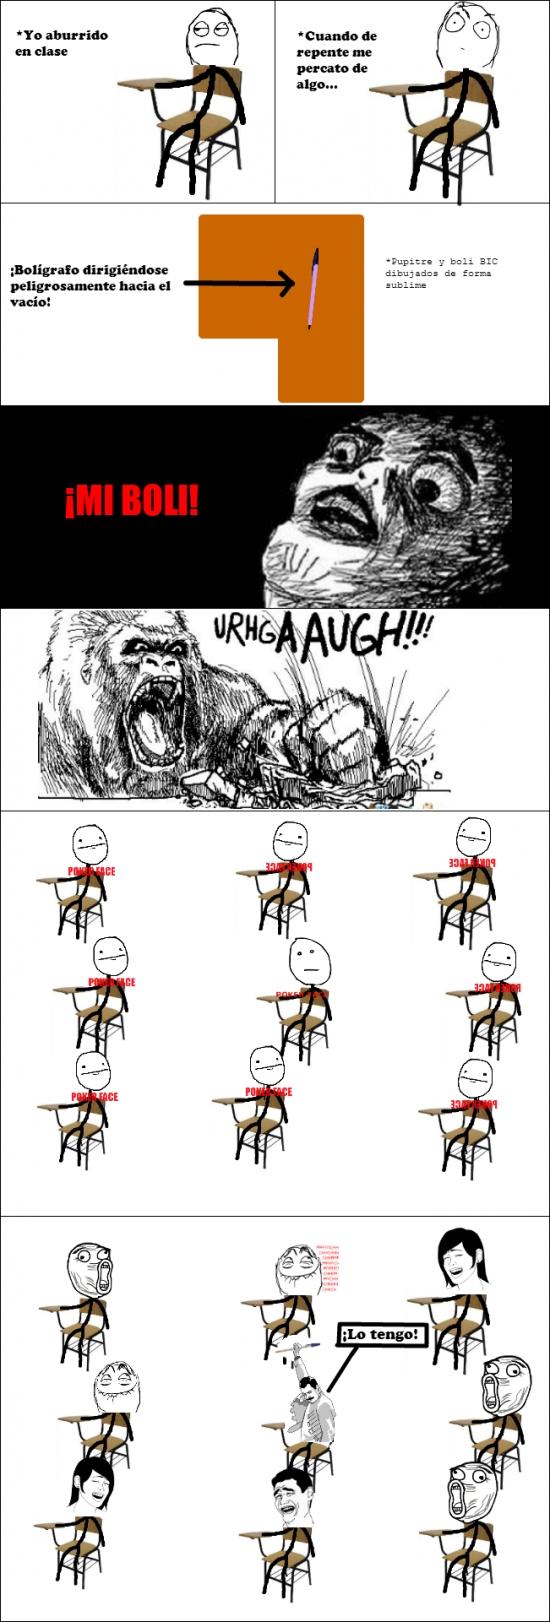 meme en clase boligrafo dirigiendose peligrosamente hacia el suelo